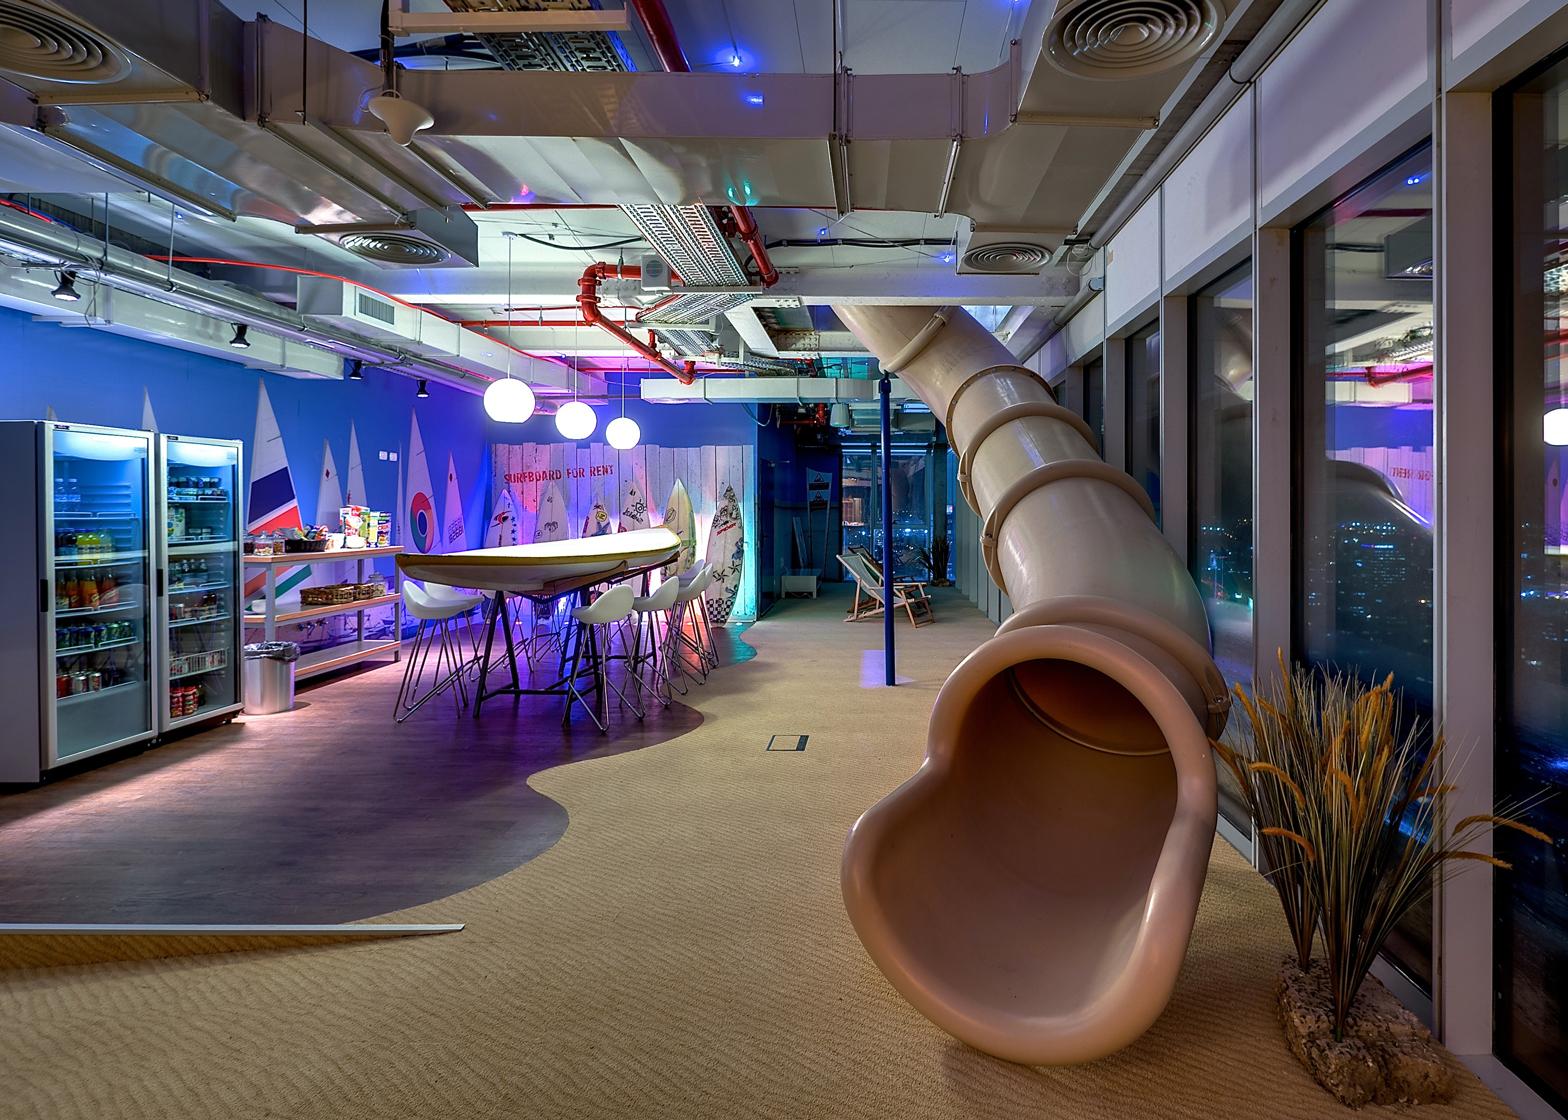 Sơn hiệu ứng Waldo-Văn phòng thiết kế phong cách vui nhộn